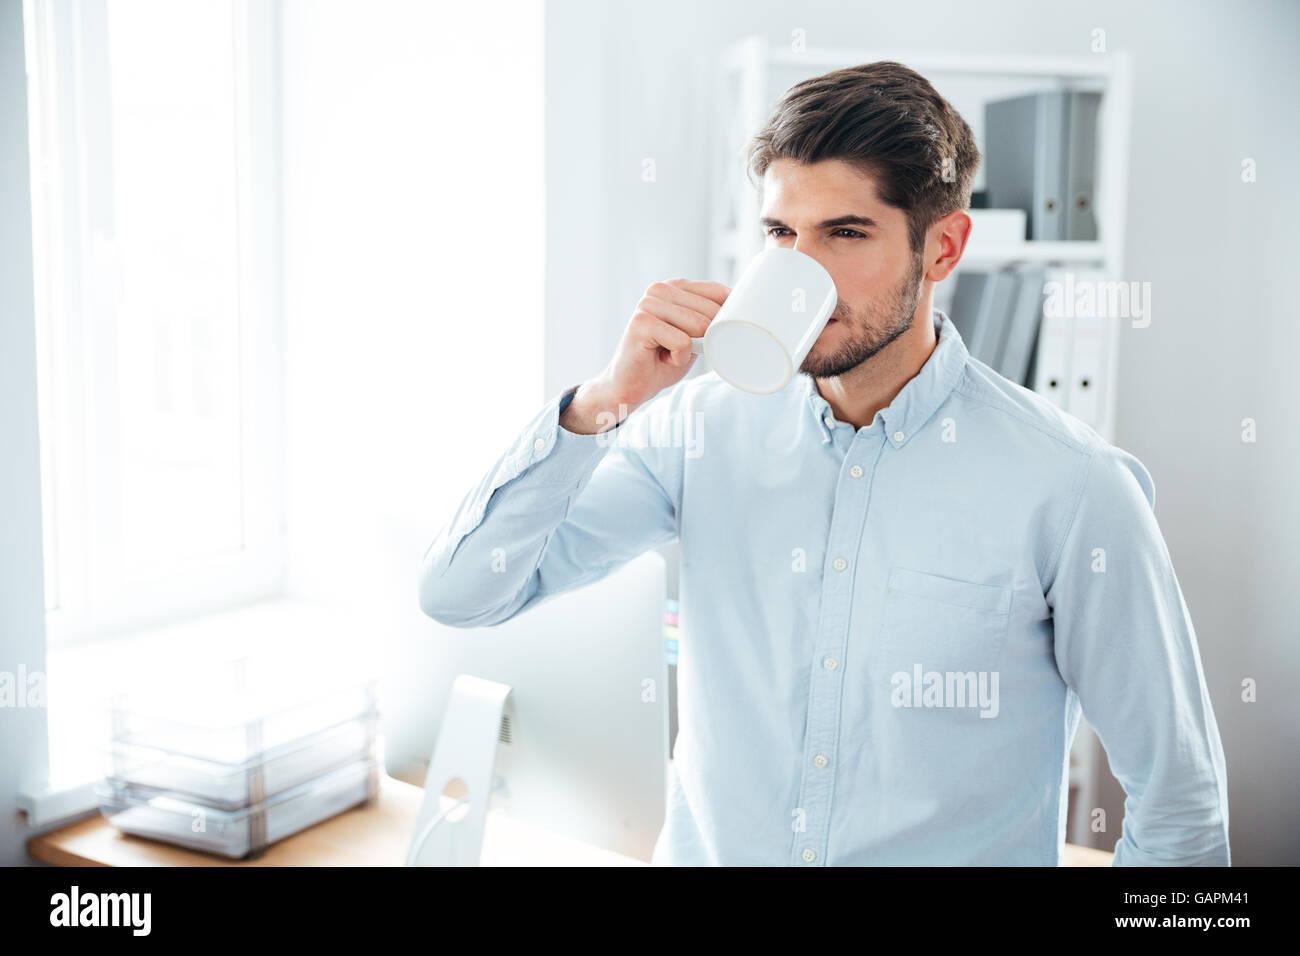 Hübscher junger Mann stehen und trinken Kaffee im Büro Stockbild